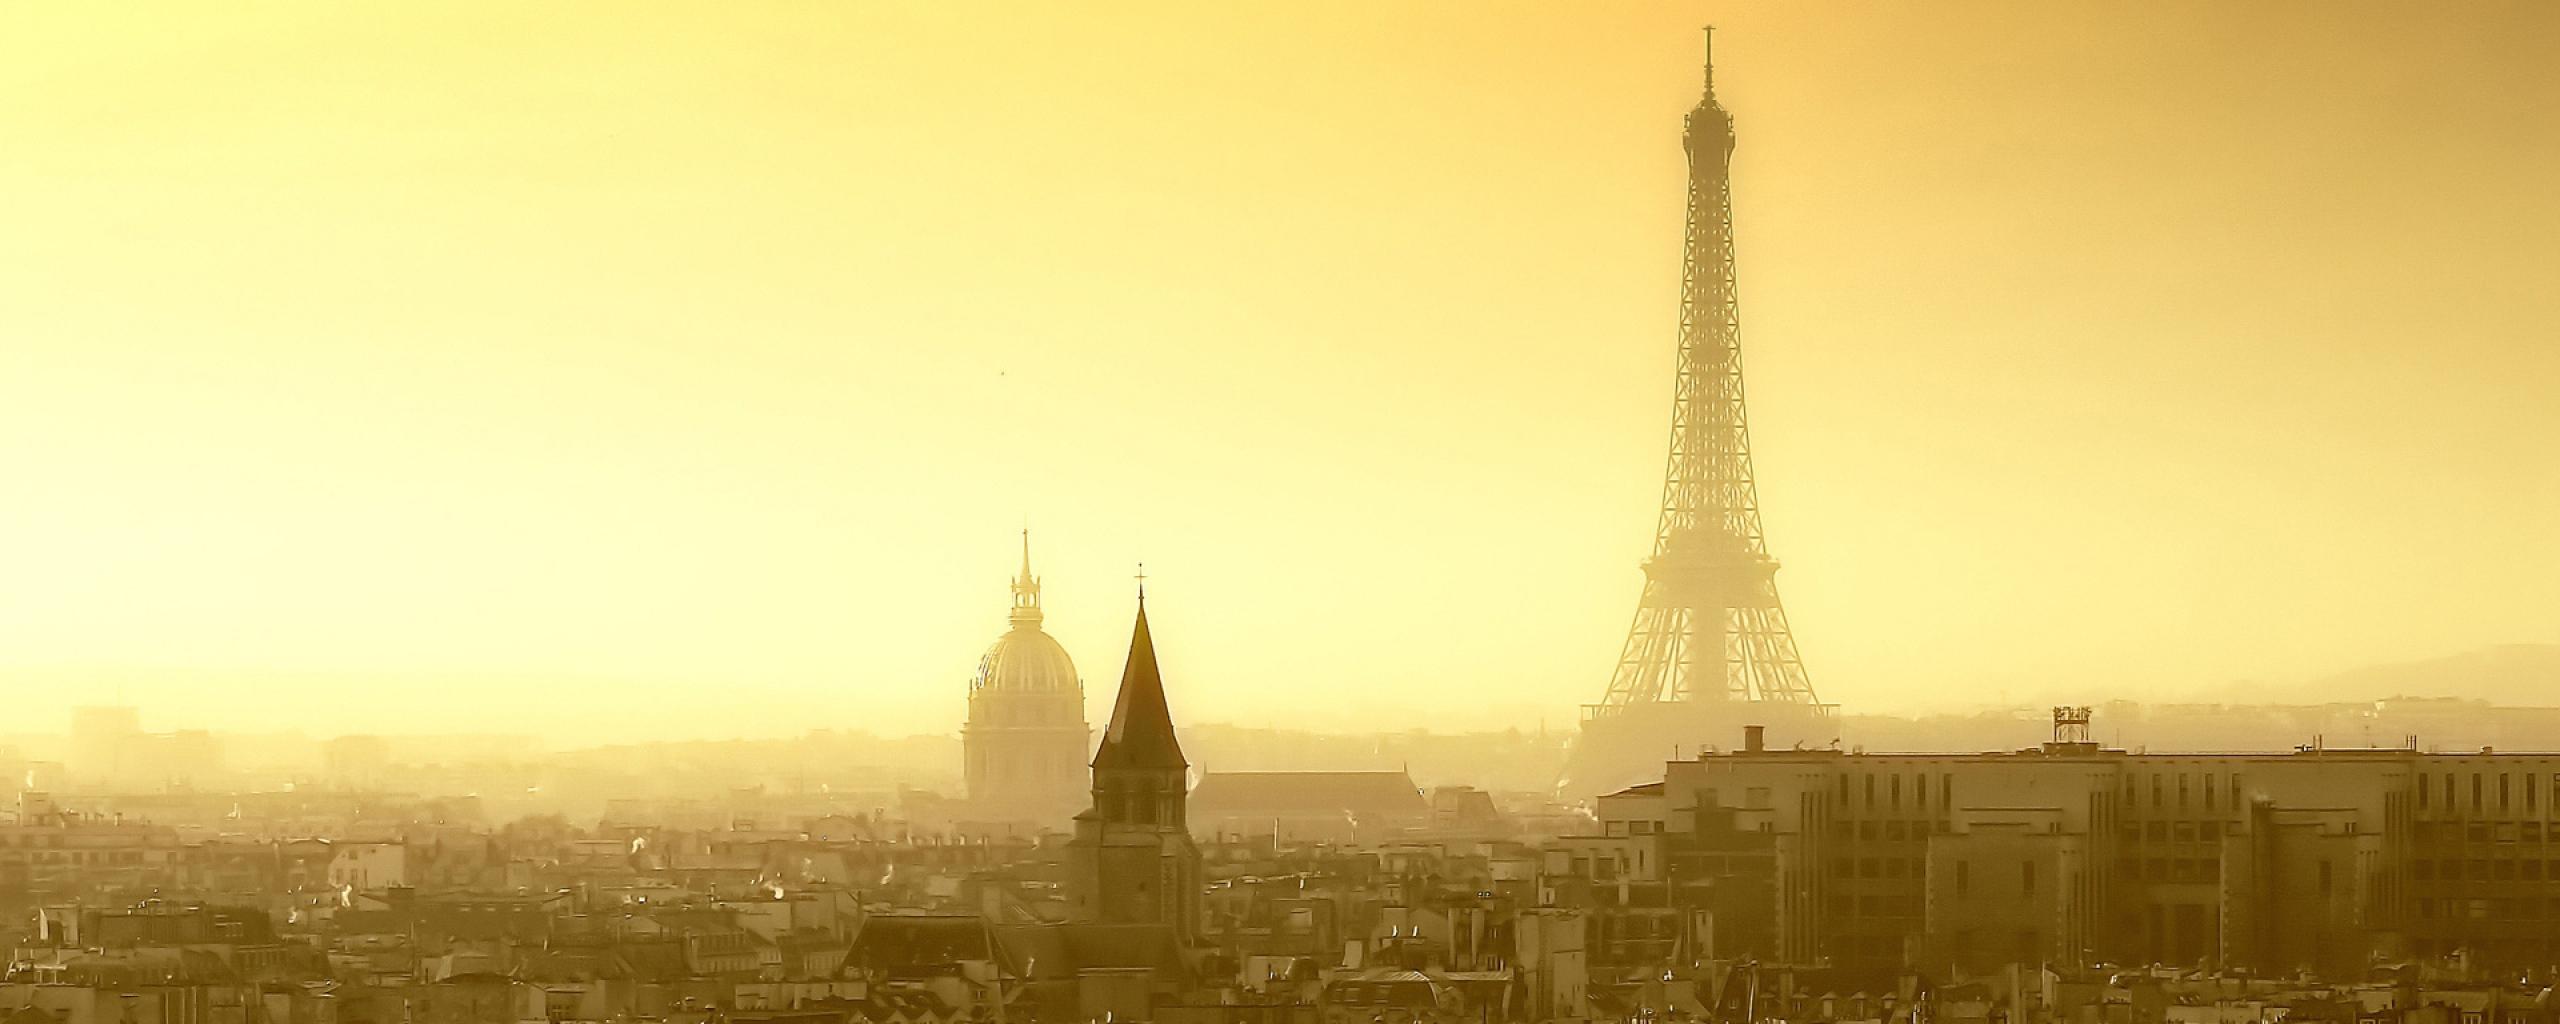 Туман в Париже заметен даже утром, когда воздух над городом меньше загрязнен выхлопными газами